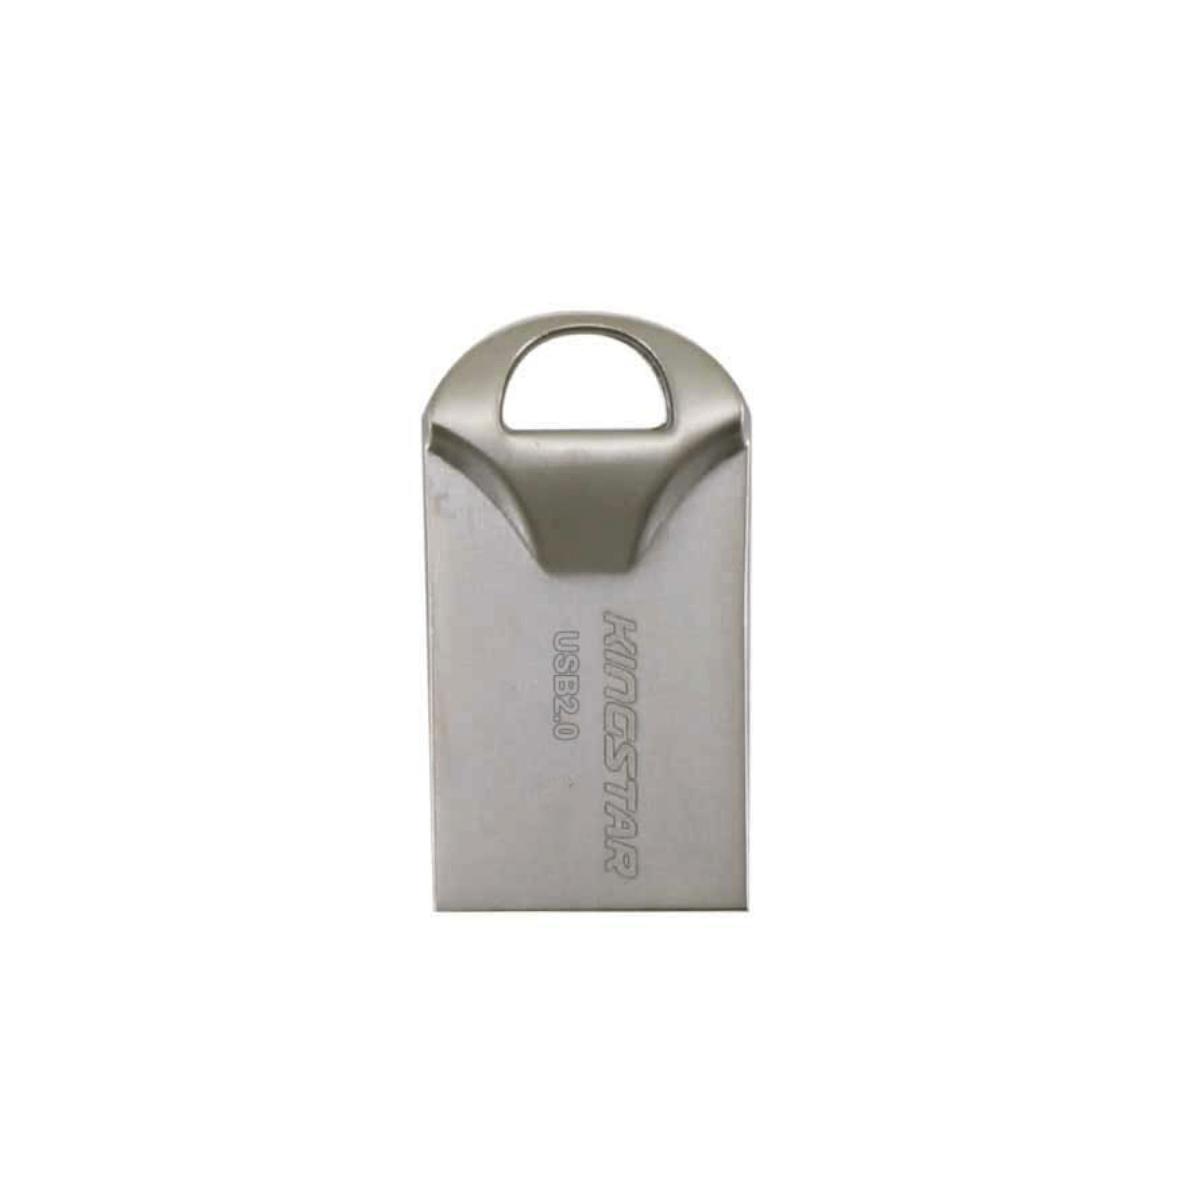 فلش کینگ استار مدل KS218 ظرفیت ۳۲GB